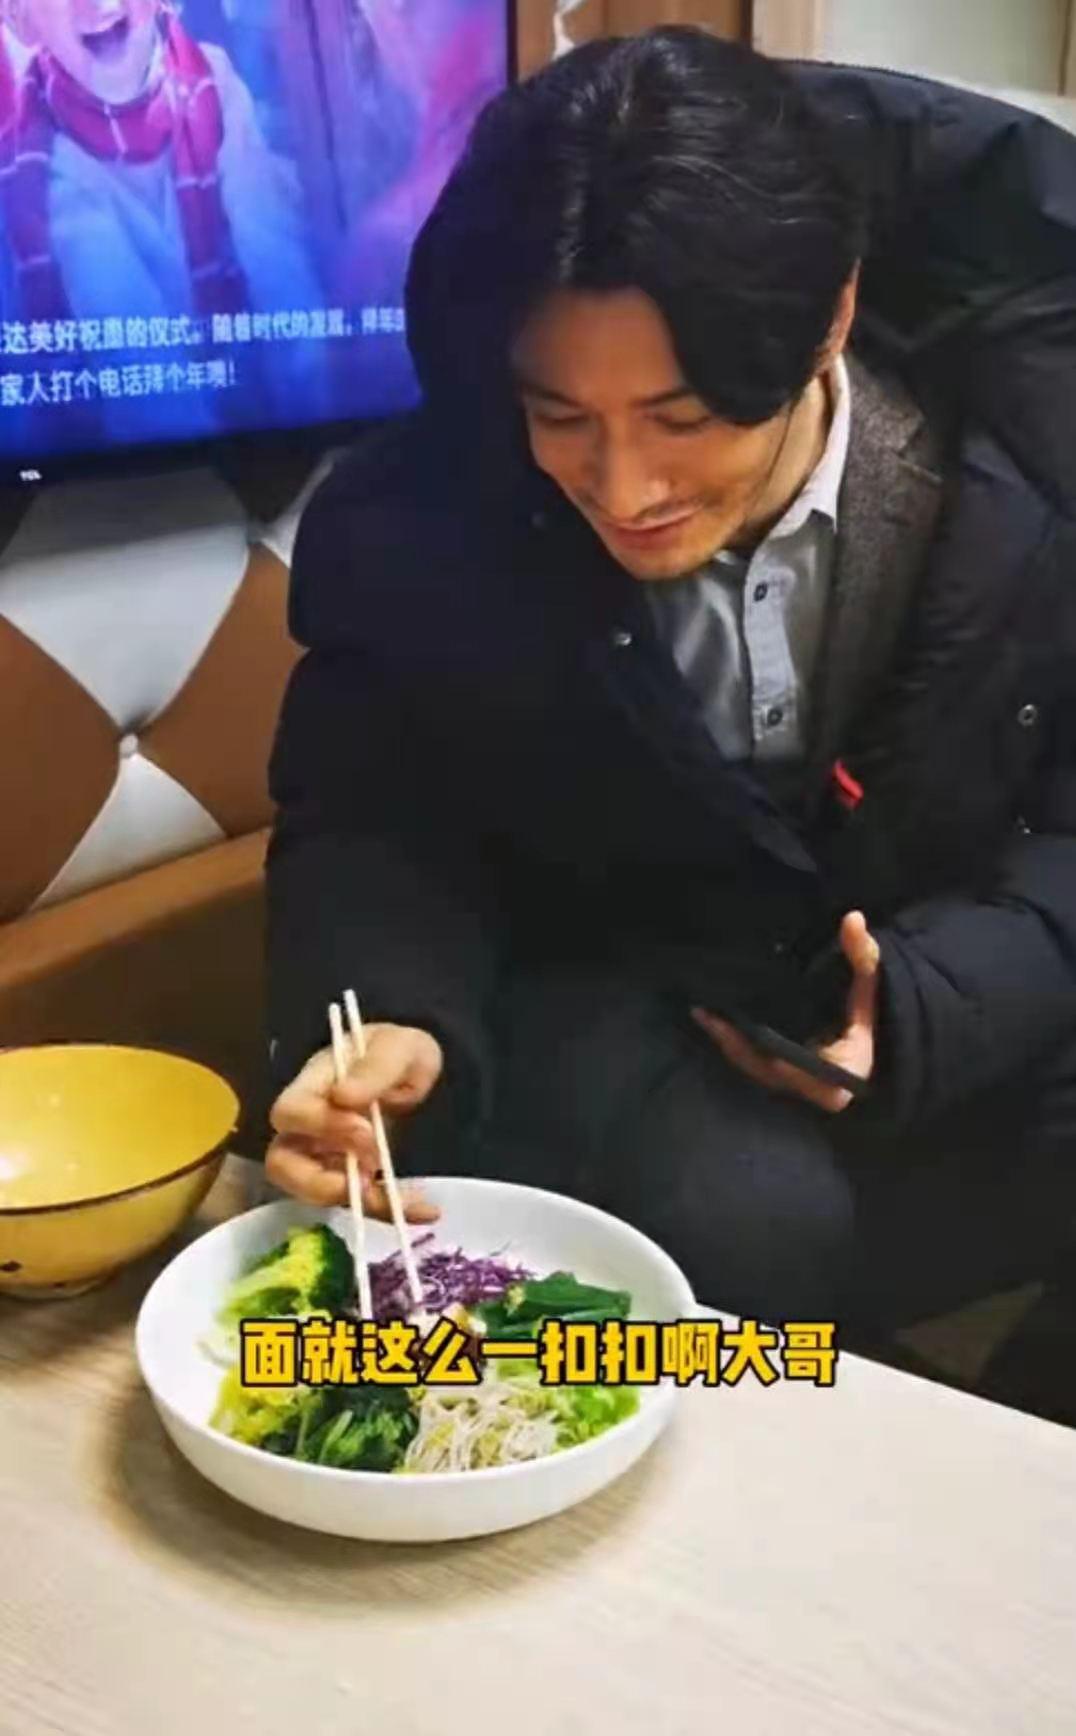 黄晓明减肥餐曝光!竟然全是菜还喝蔬菜汁,被指瘦得过头憔悴不少(视频/组图)